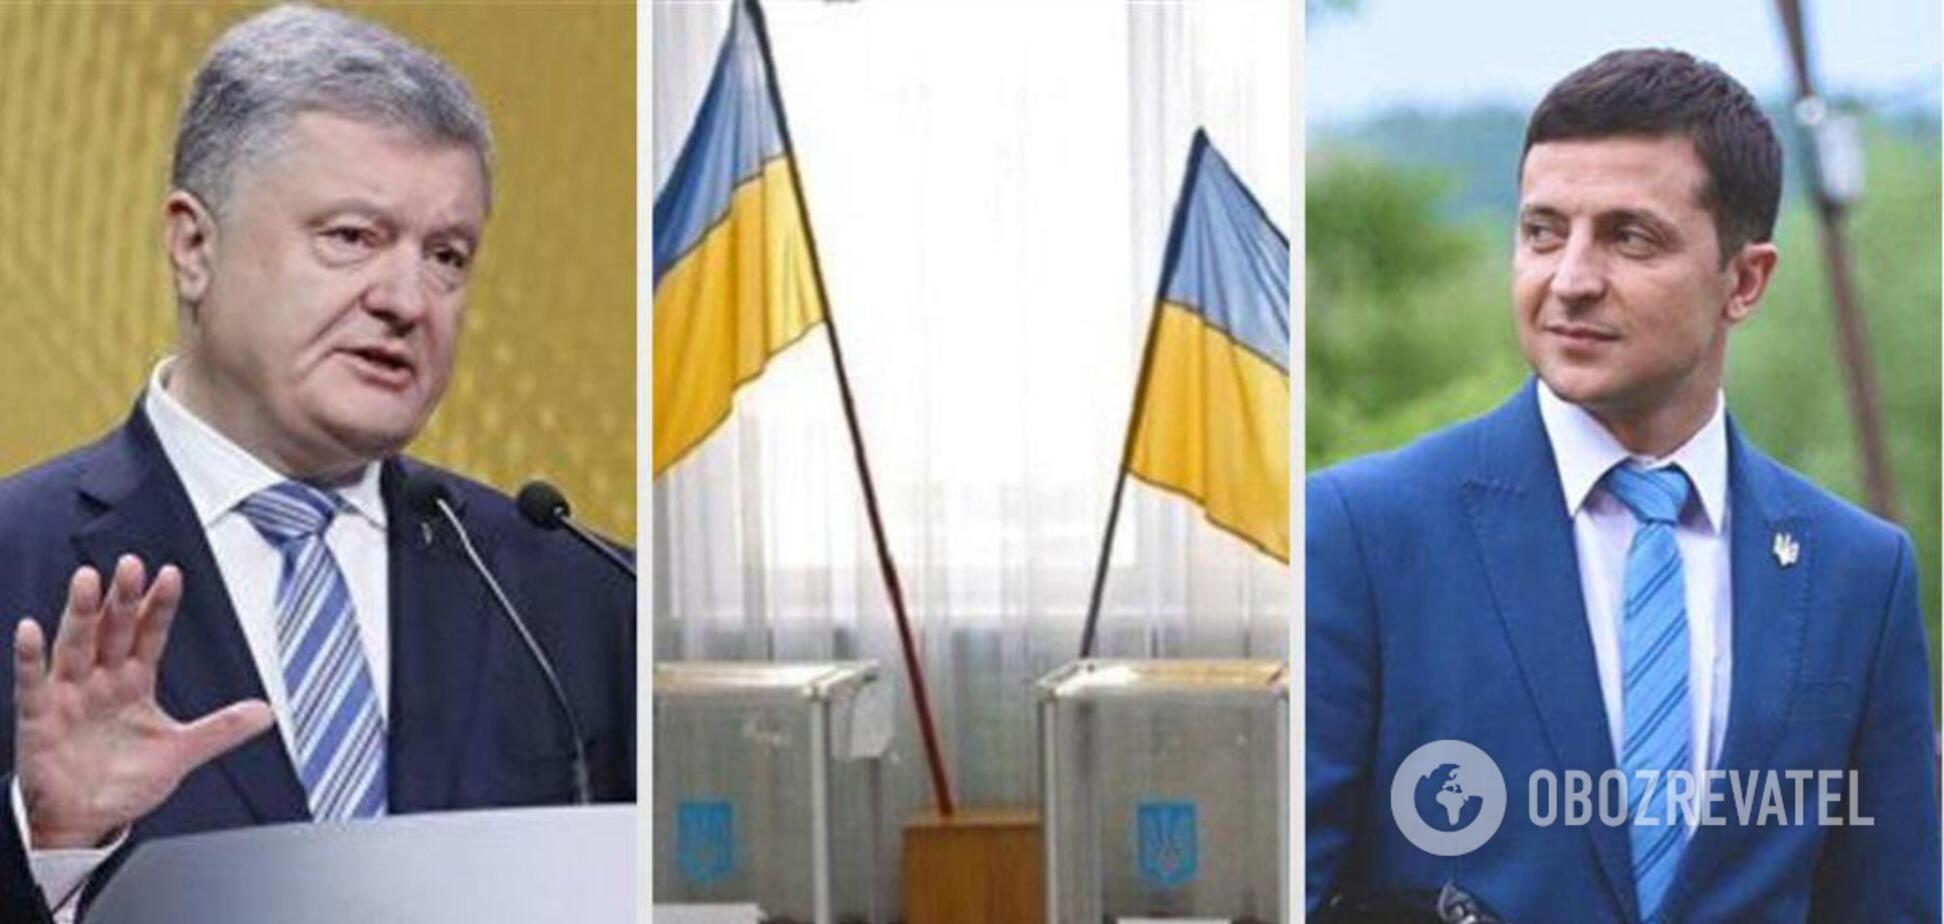 'Перемога українського народу': Європарламент оцінив другий тур виборів президента